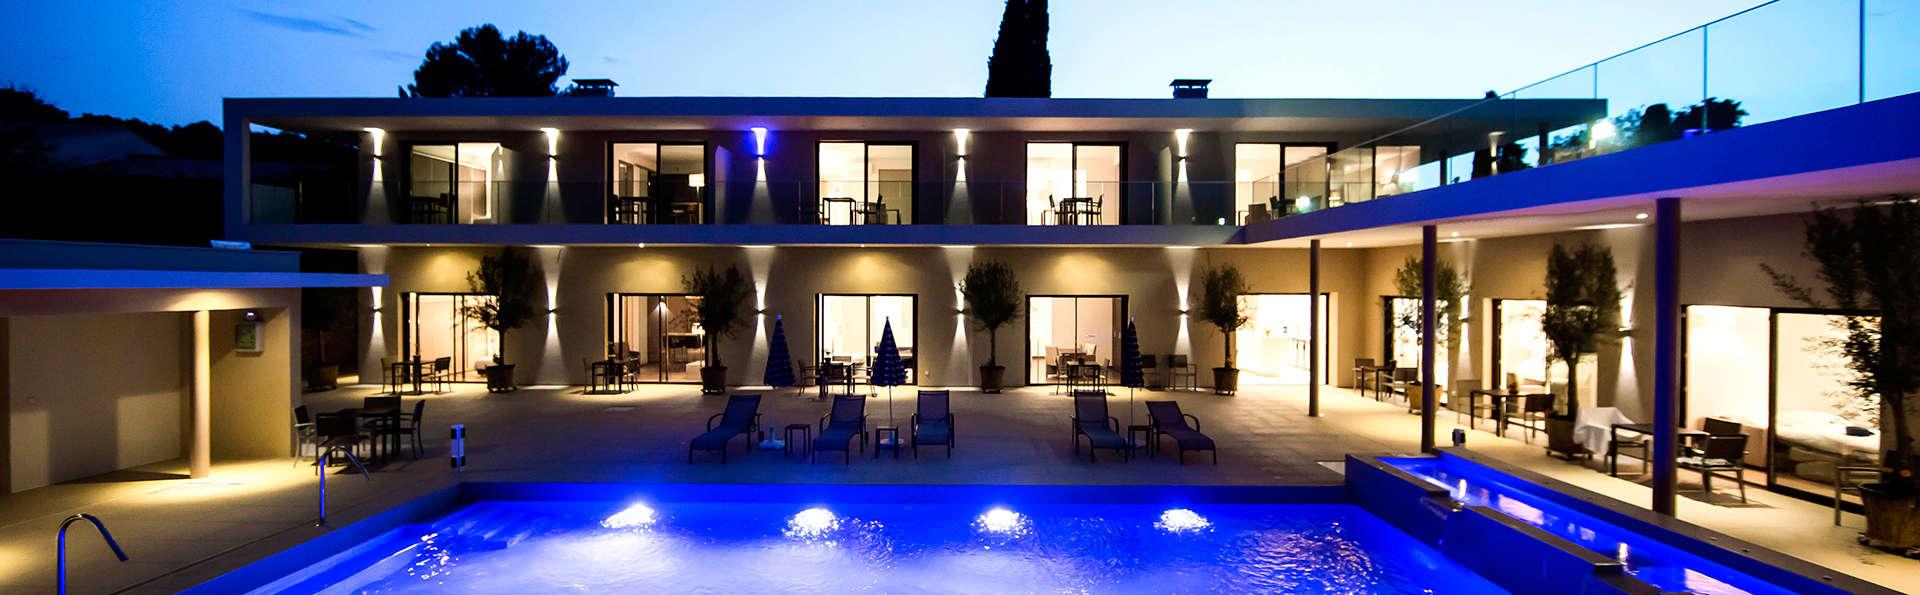 Seventeen Hotel - EDIT_pool3.jpg